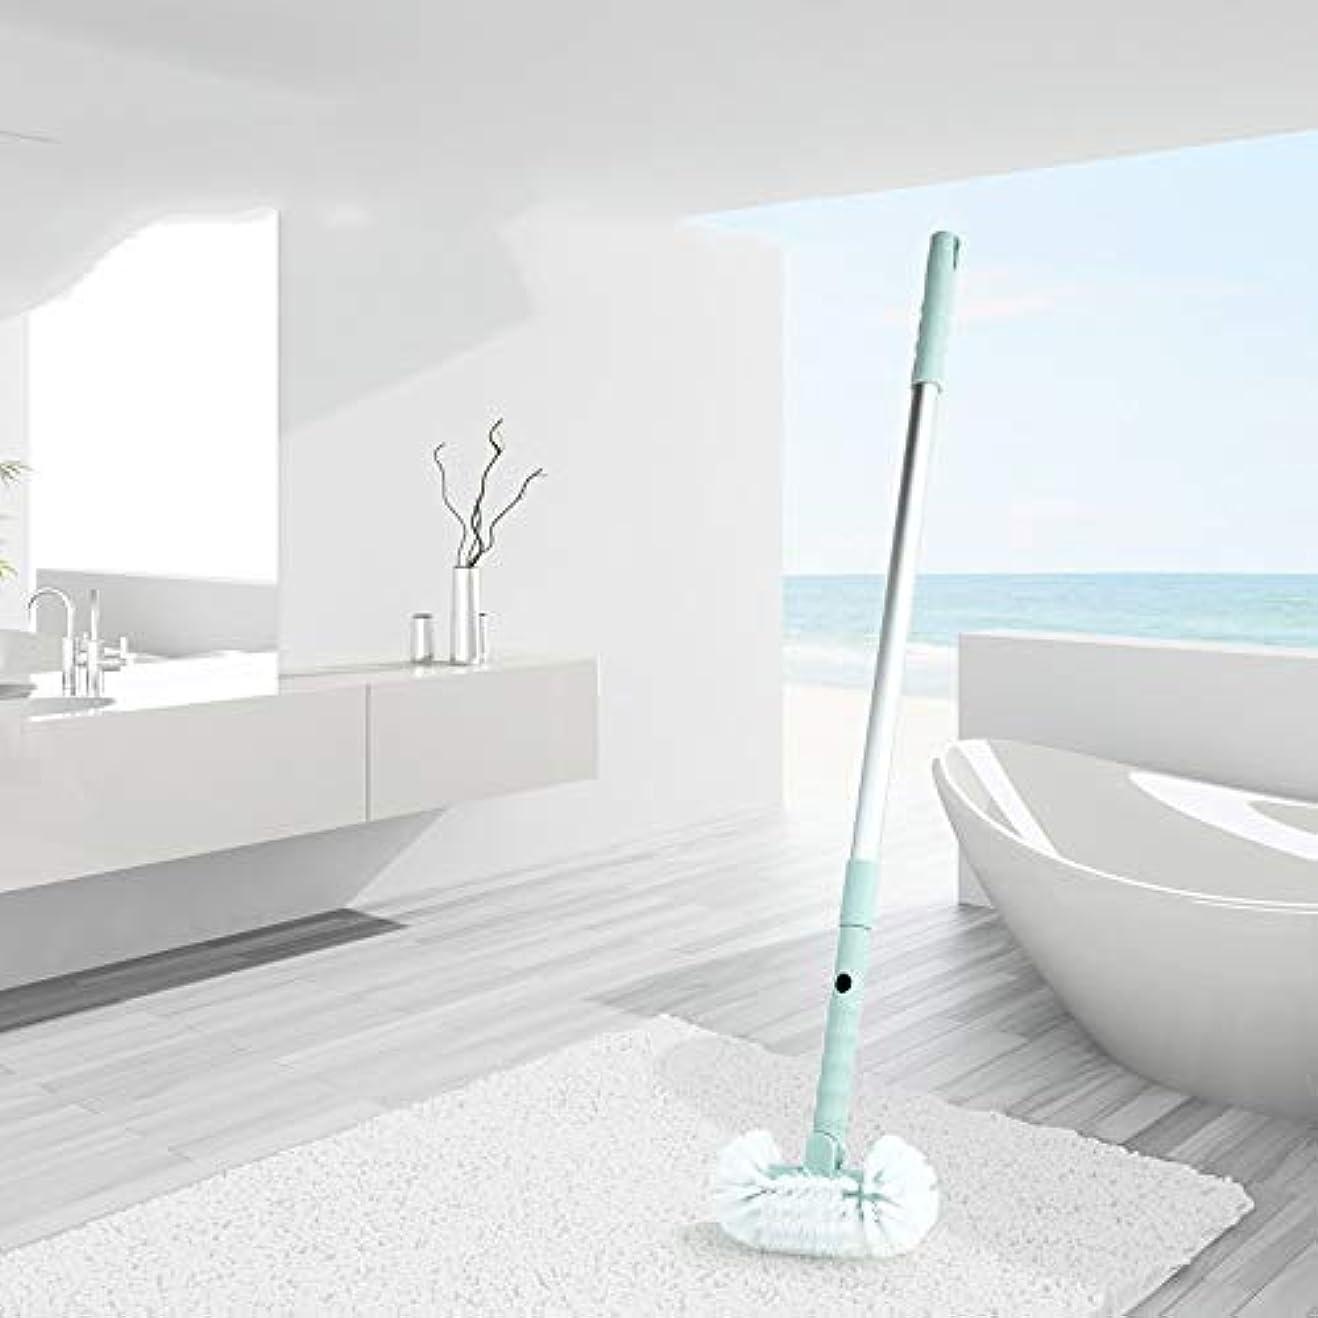 過半数土器うれしいポアクリーニング ホームバスルーム引き戻し可能なハードブラシトイレ浴室バスタブフロアクリーニングブラシ マッサージブラシ